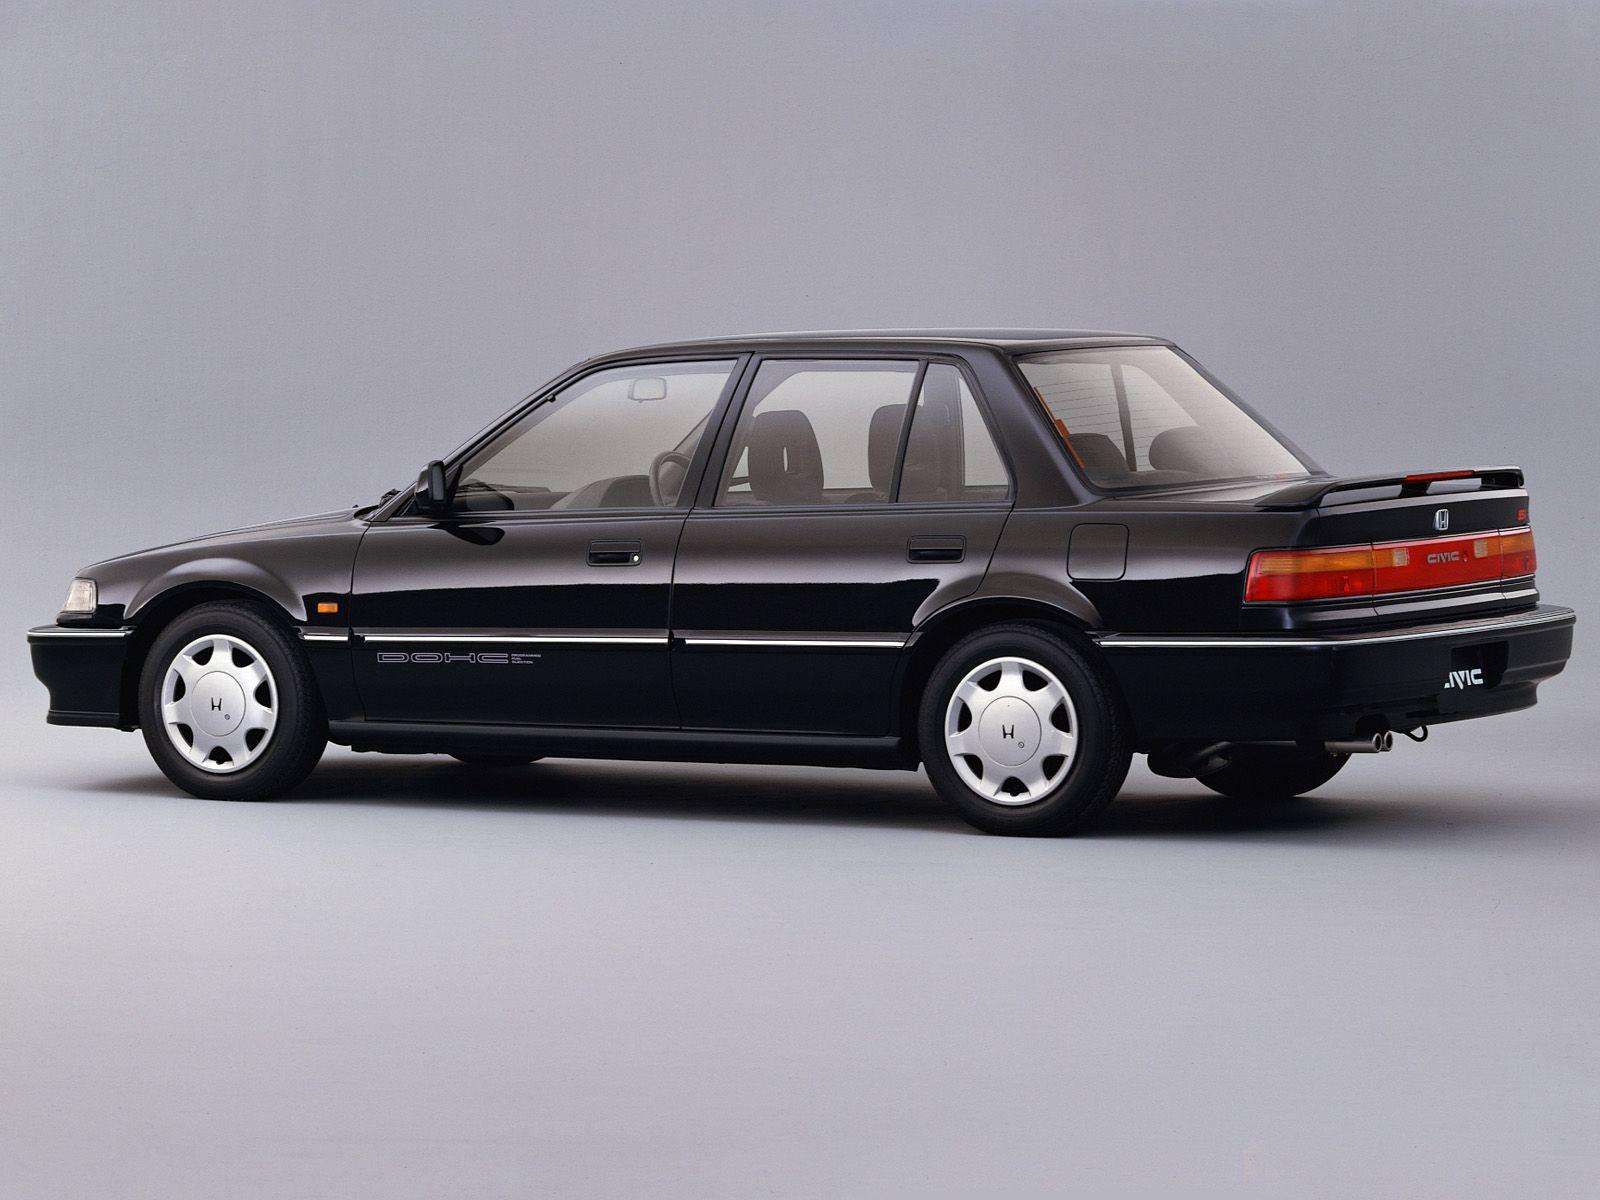 Kekurangan Honda Civic 89 Perbandingan Harga